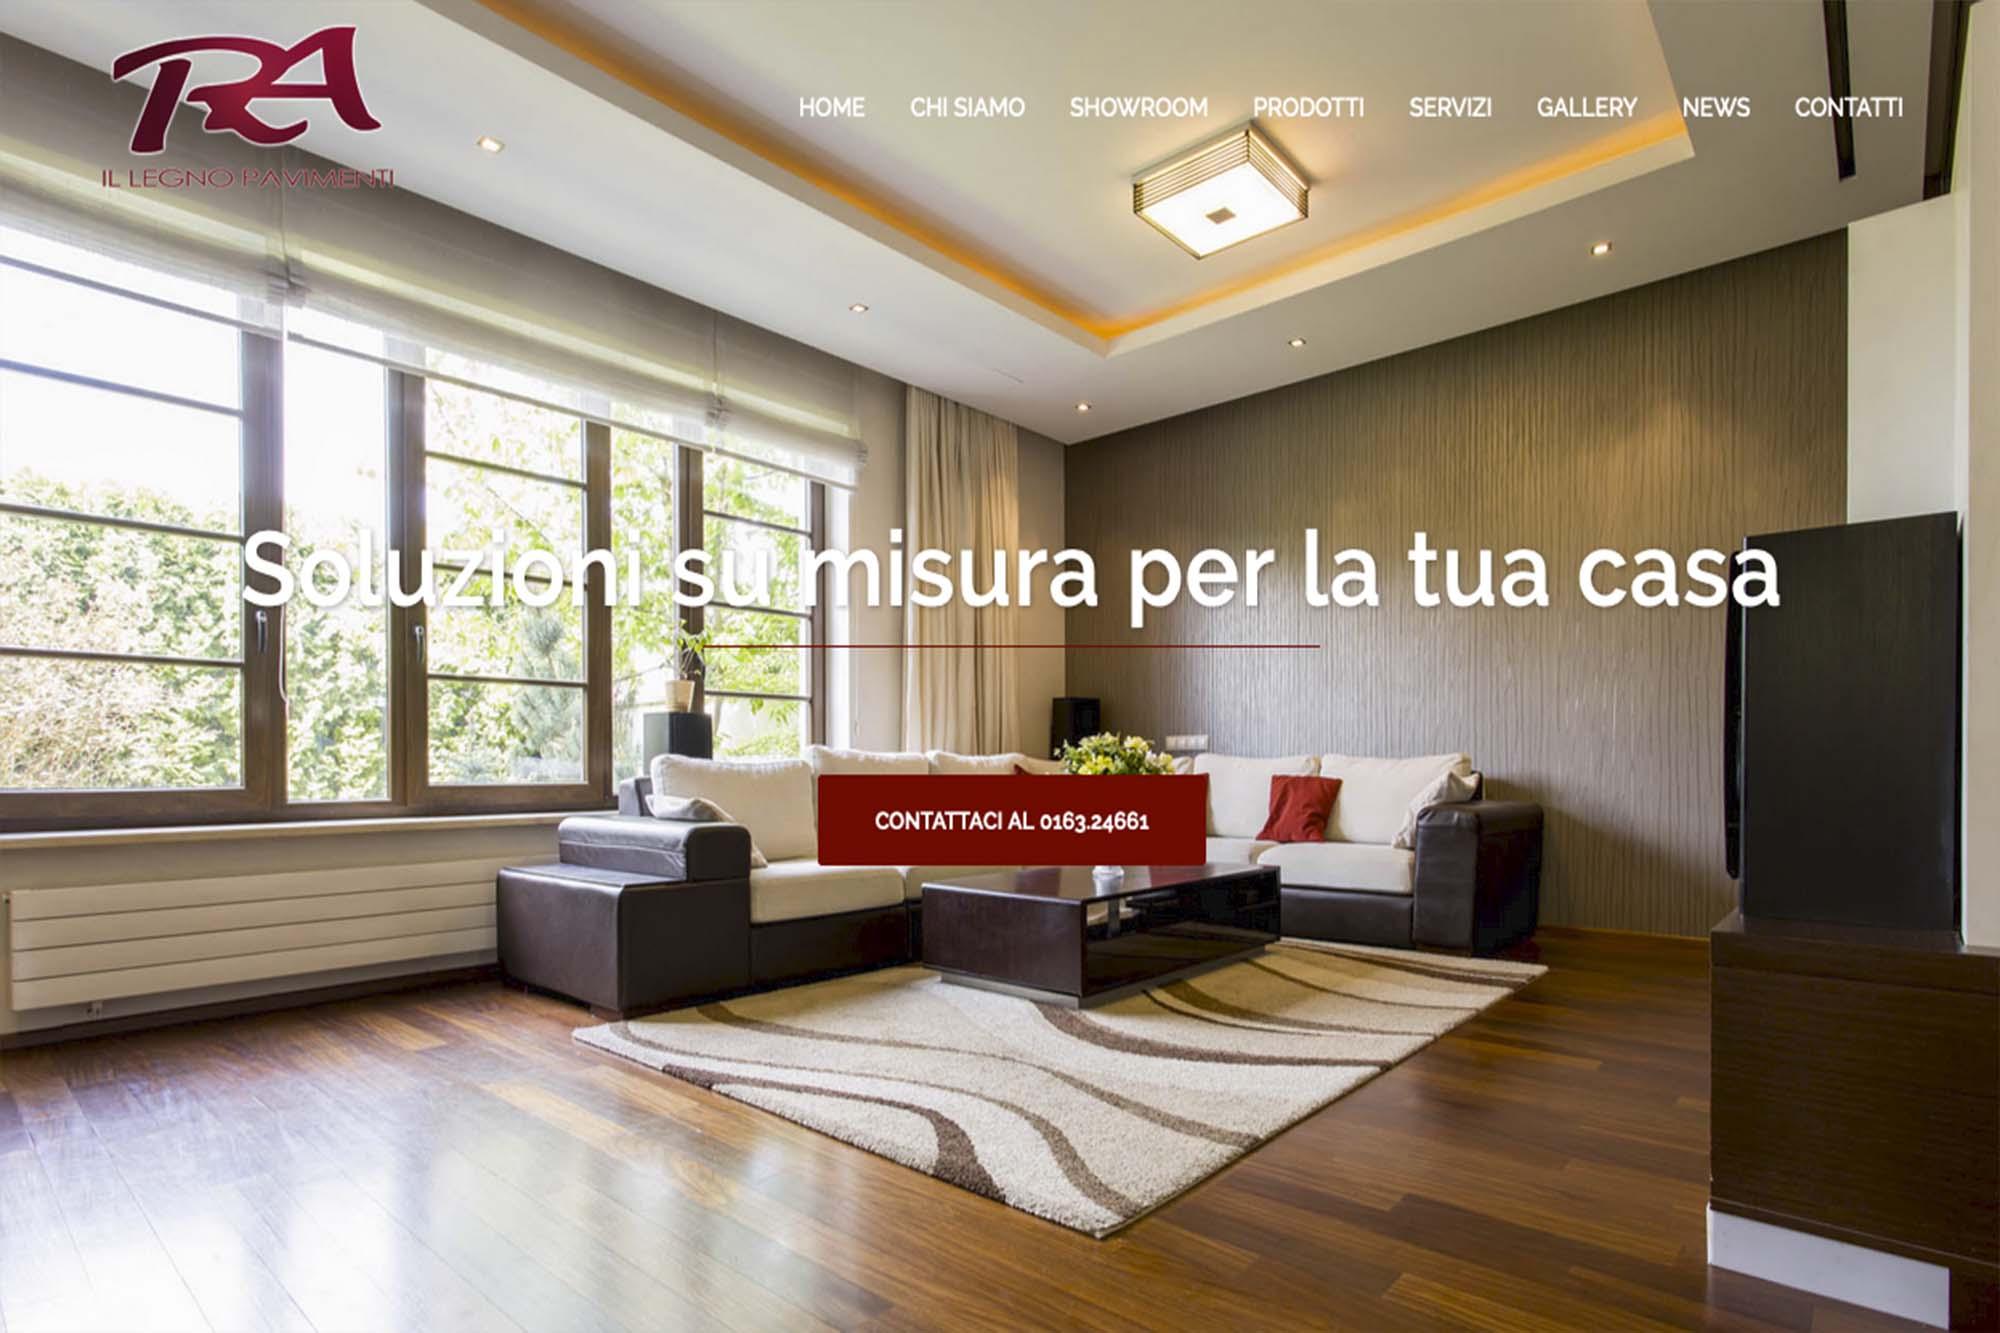 sito-web-attività-commerciale-raillegnopavimenti-borgosesia-agicoomweb